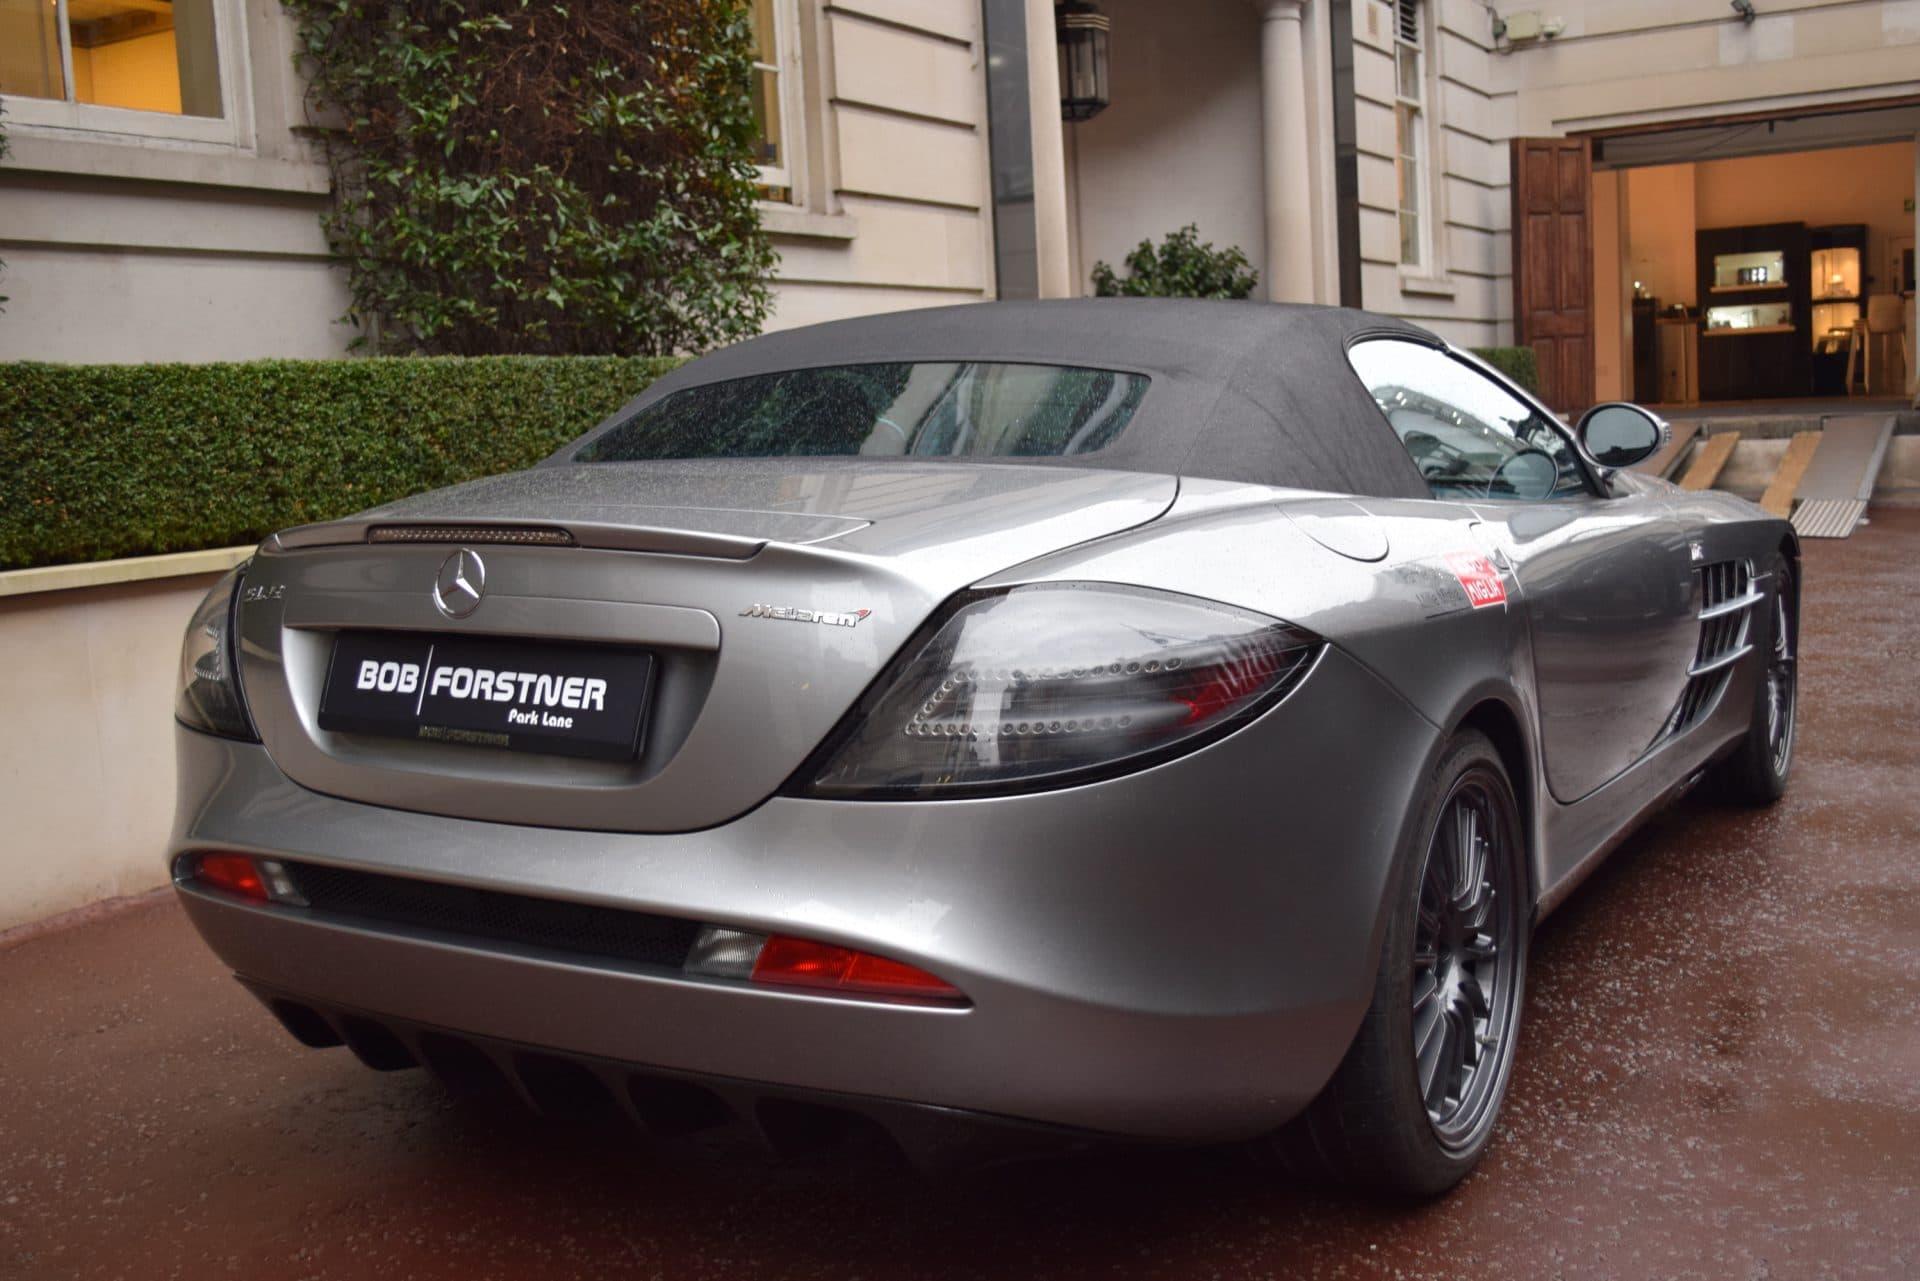 Mercedes Benz Slr Mclaren Roadster 722s Bob Forstner